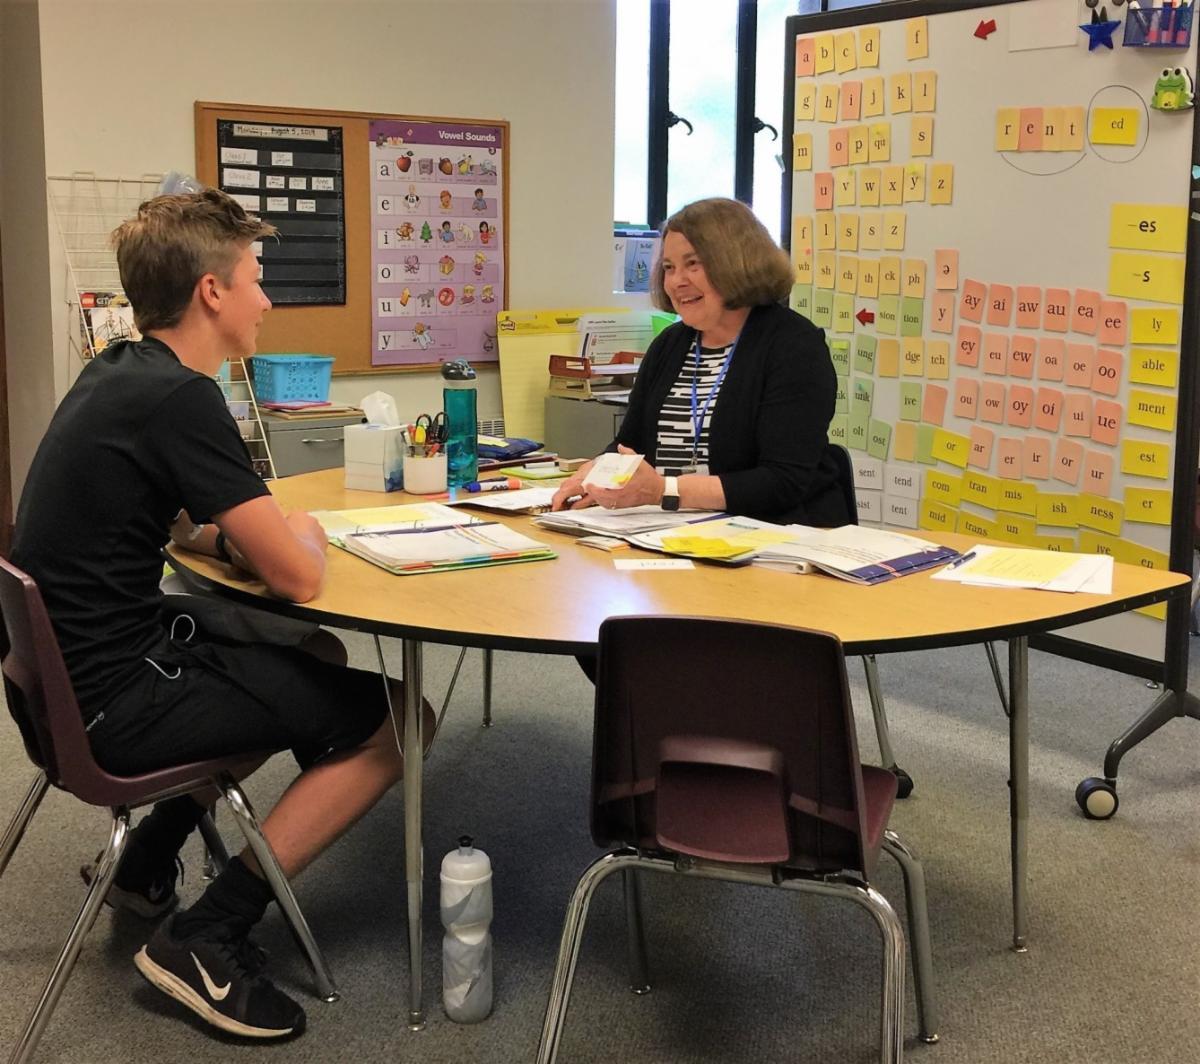 dyslexia tutoring image